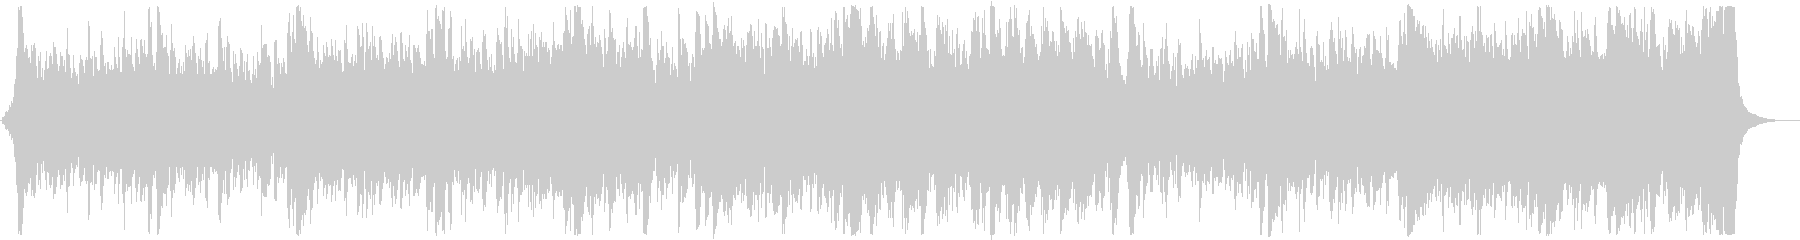 和風・和楽器・忍者エピック:三味線抜きの未再生の波形